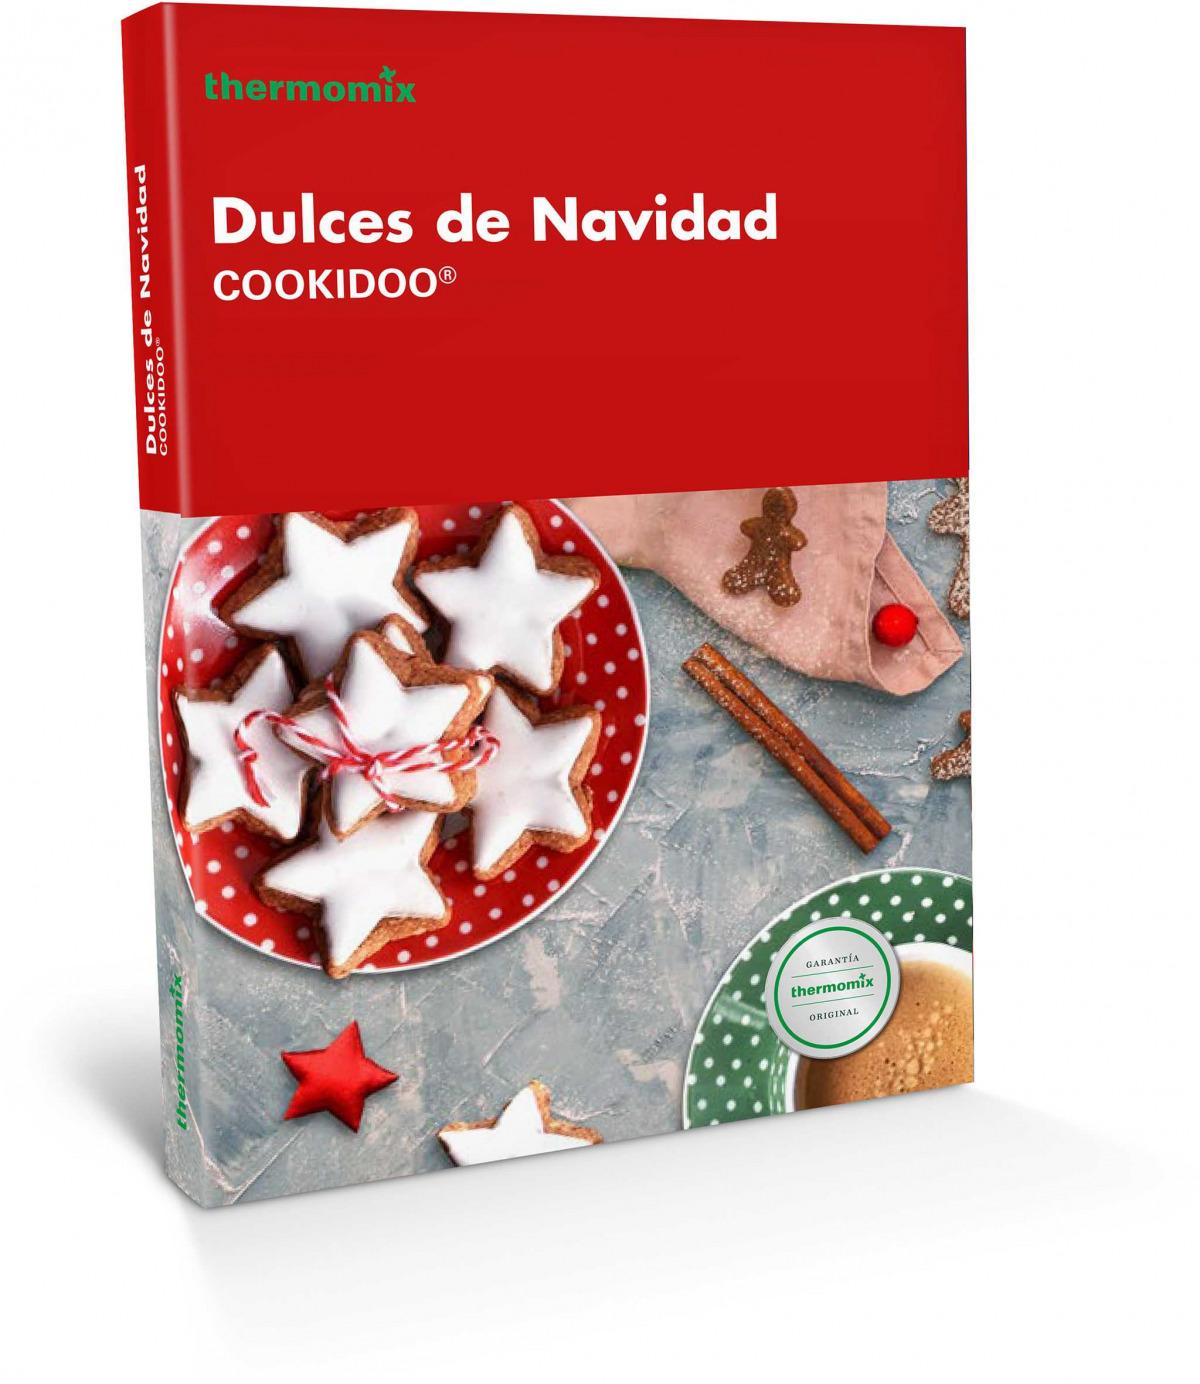 DULCES DE NAVIDAD 9788416902156